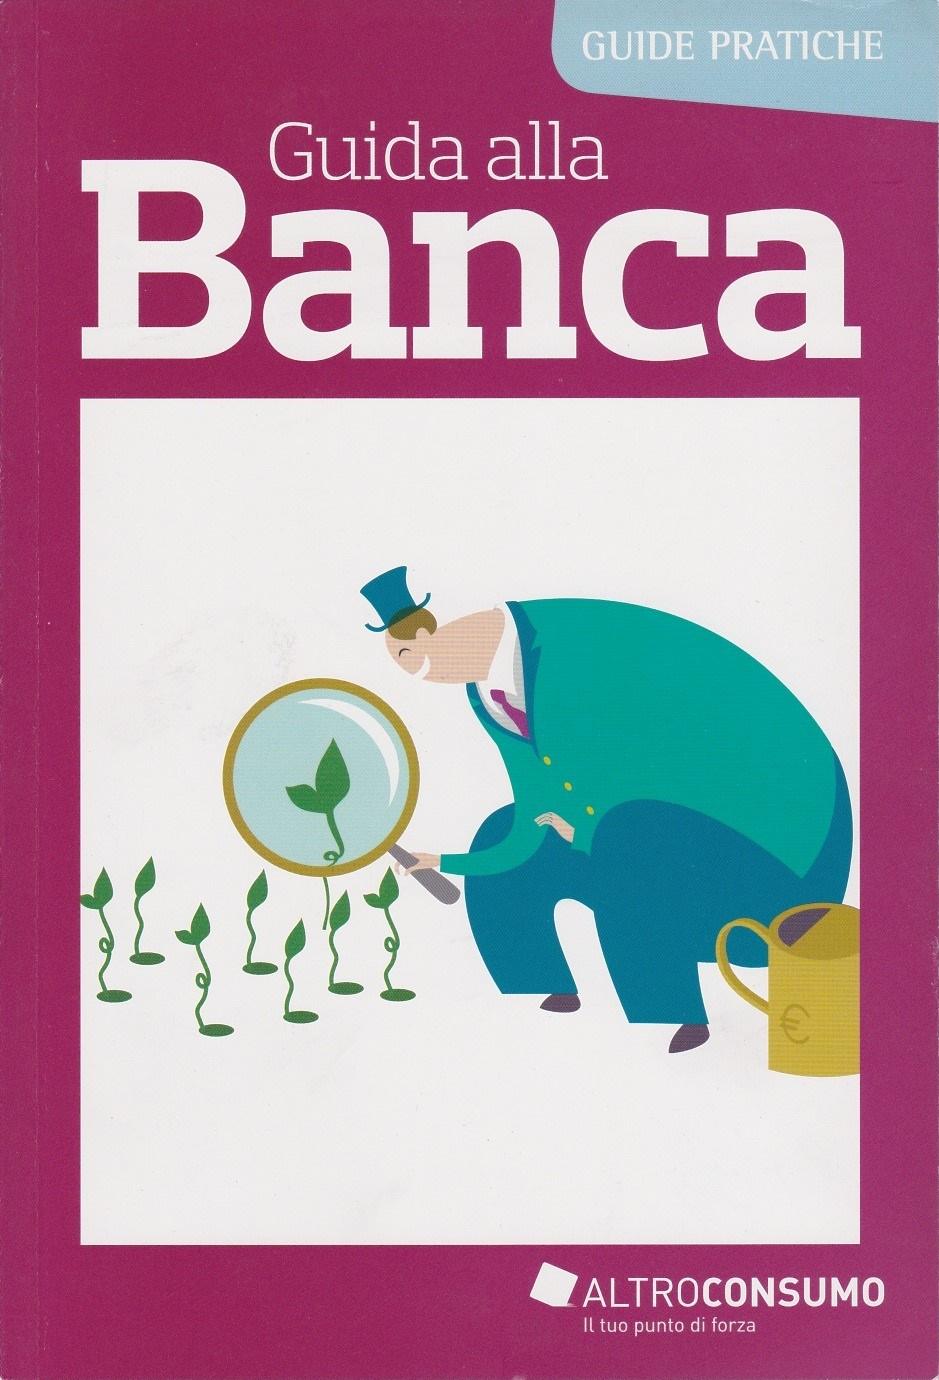 Guida alla banca